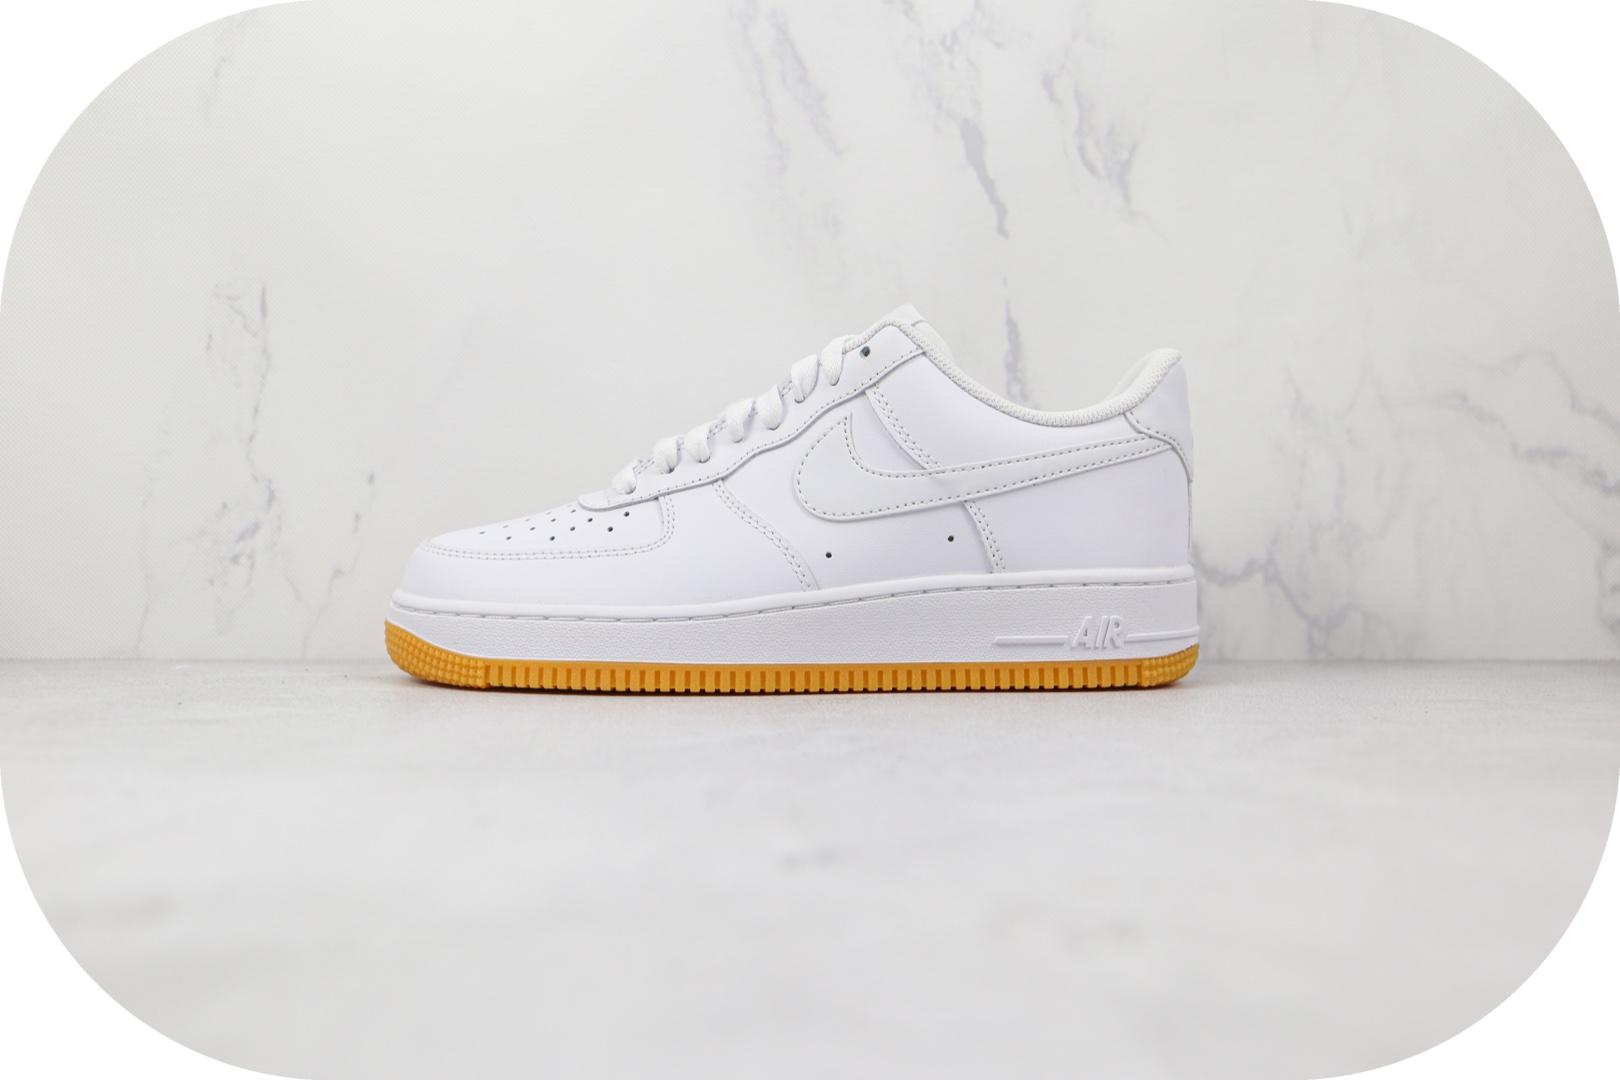 耐克Nike Air Force 1 Low 07纯原版本低帮空军一号白色生胶底板鞋内置气垫 货号:DJ2739-100